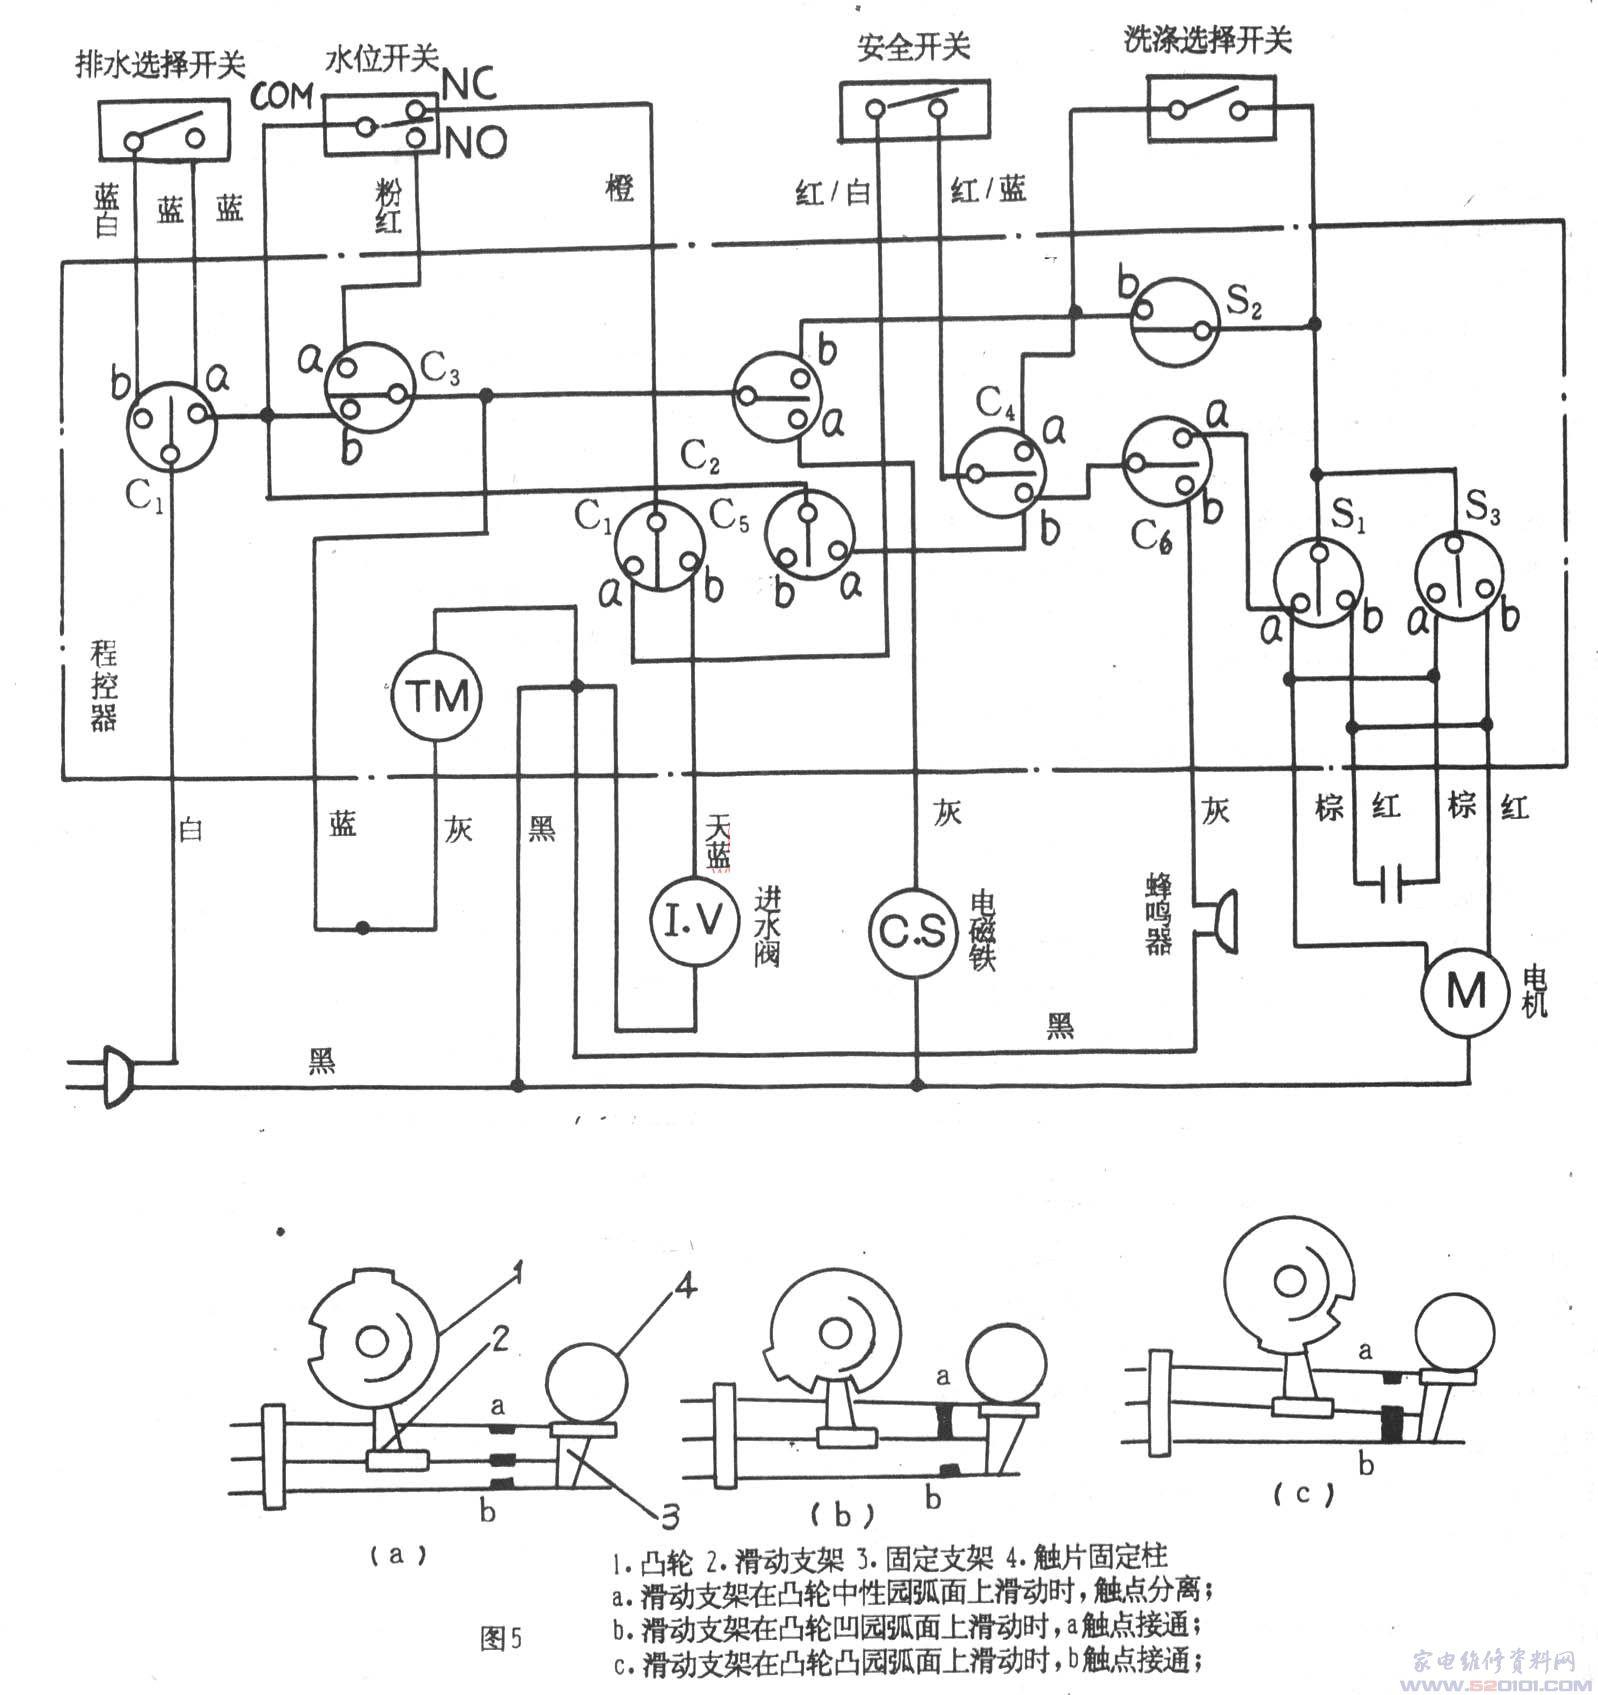 自动洗衣机具有洗涤、漂洗和脱水功能,各功能之间的自动转换由程控器来实现而不需手工操作。全自动洗衣机以进水阀、电机、排水电磁铁(对静音洗衣机为排水微电机)为电气驱动件,由程控器控制各驱动件按程序运转。机械式全自动洗衣机由电动程控器控制,电脑全自动洗衣机由电脑程控器控制。两种全自动洗衣机的机械结构相同,进水阀和电机亦相同,水位开关和安全开关相似,电磁铁虽然有交、直流之分,但是作用相同。程控器的构造和工作原理虽然不同,但都是以AC220V为工作电压进行控制,所以两种洗衣机在检修方面有很多共同之处。 下面介绍洗衣